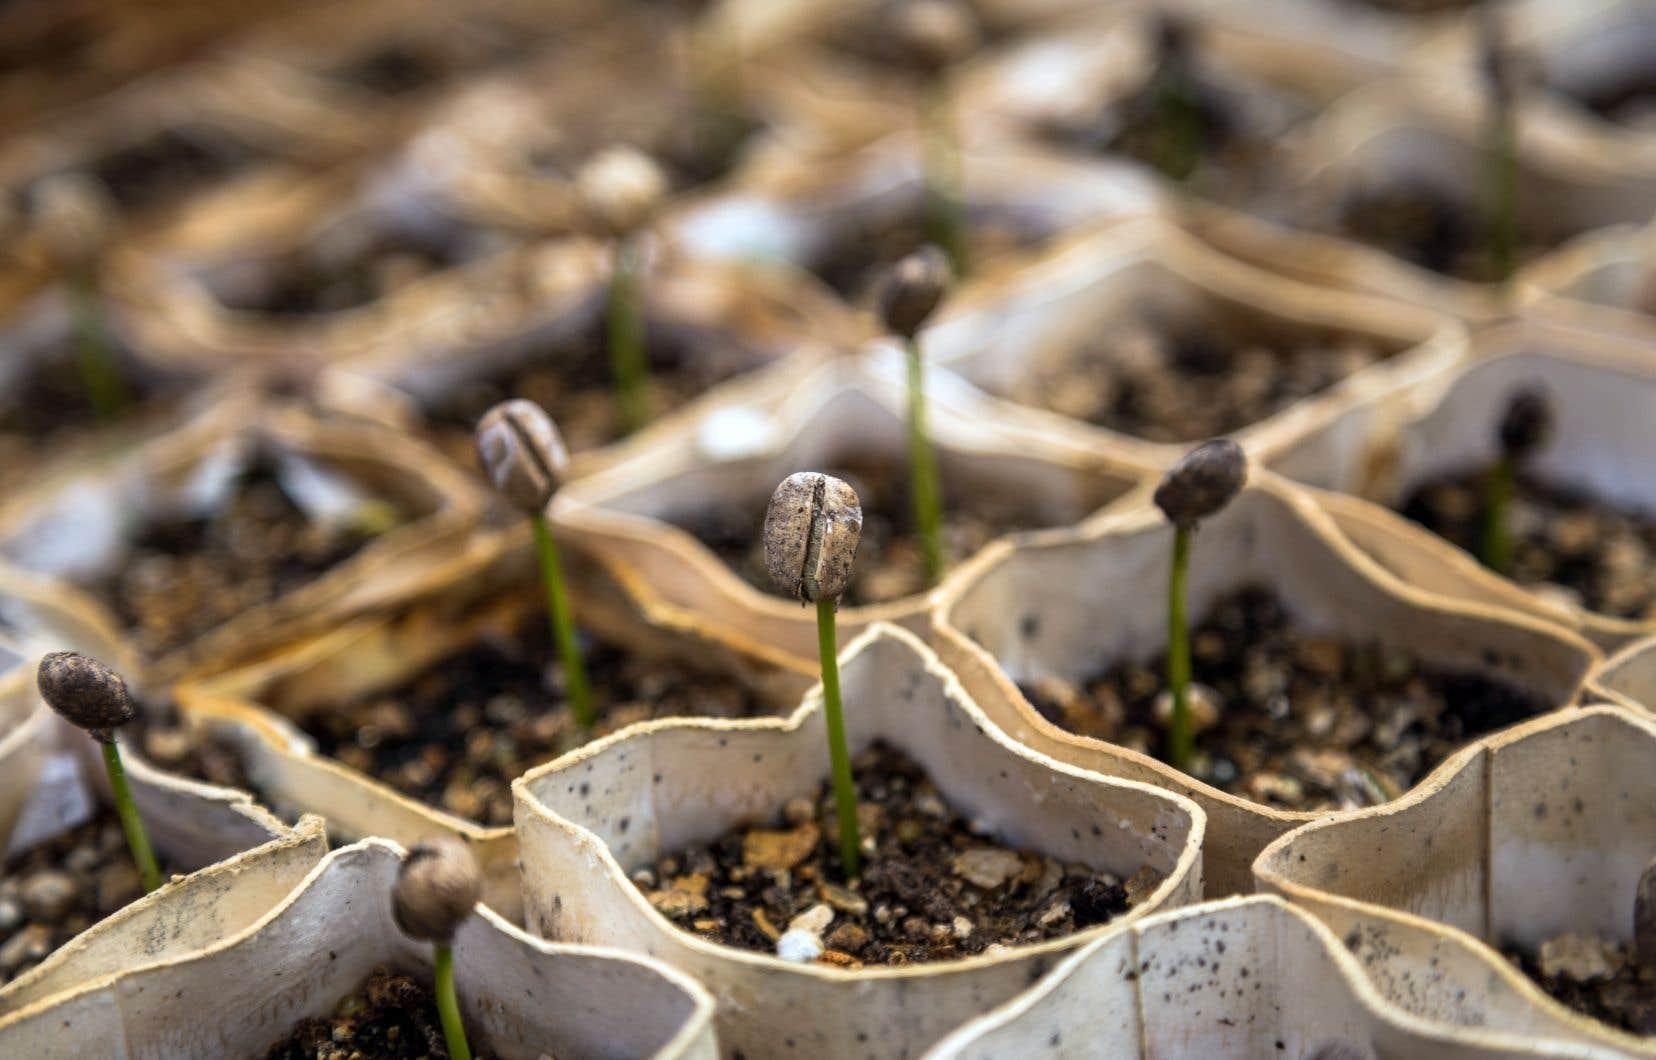 Le programme de Croquarium permet aux jeunes de planter à l'intérieur de leur école des herbes et différents légumes dans un petit potager. Au printemps, ils pourront dans certains cas les transférer dans un jardin extérieur.